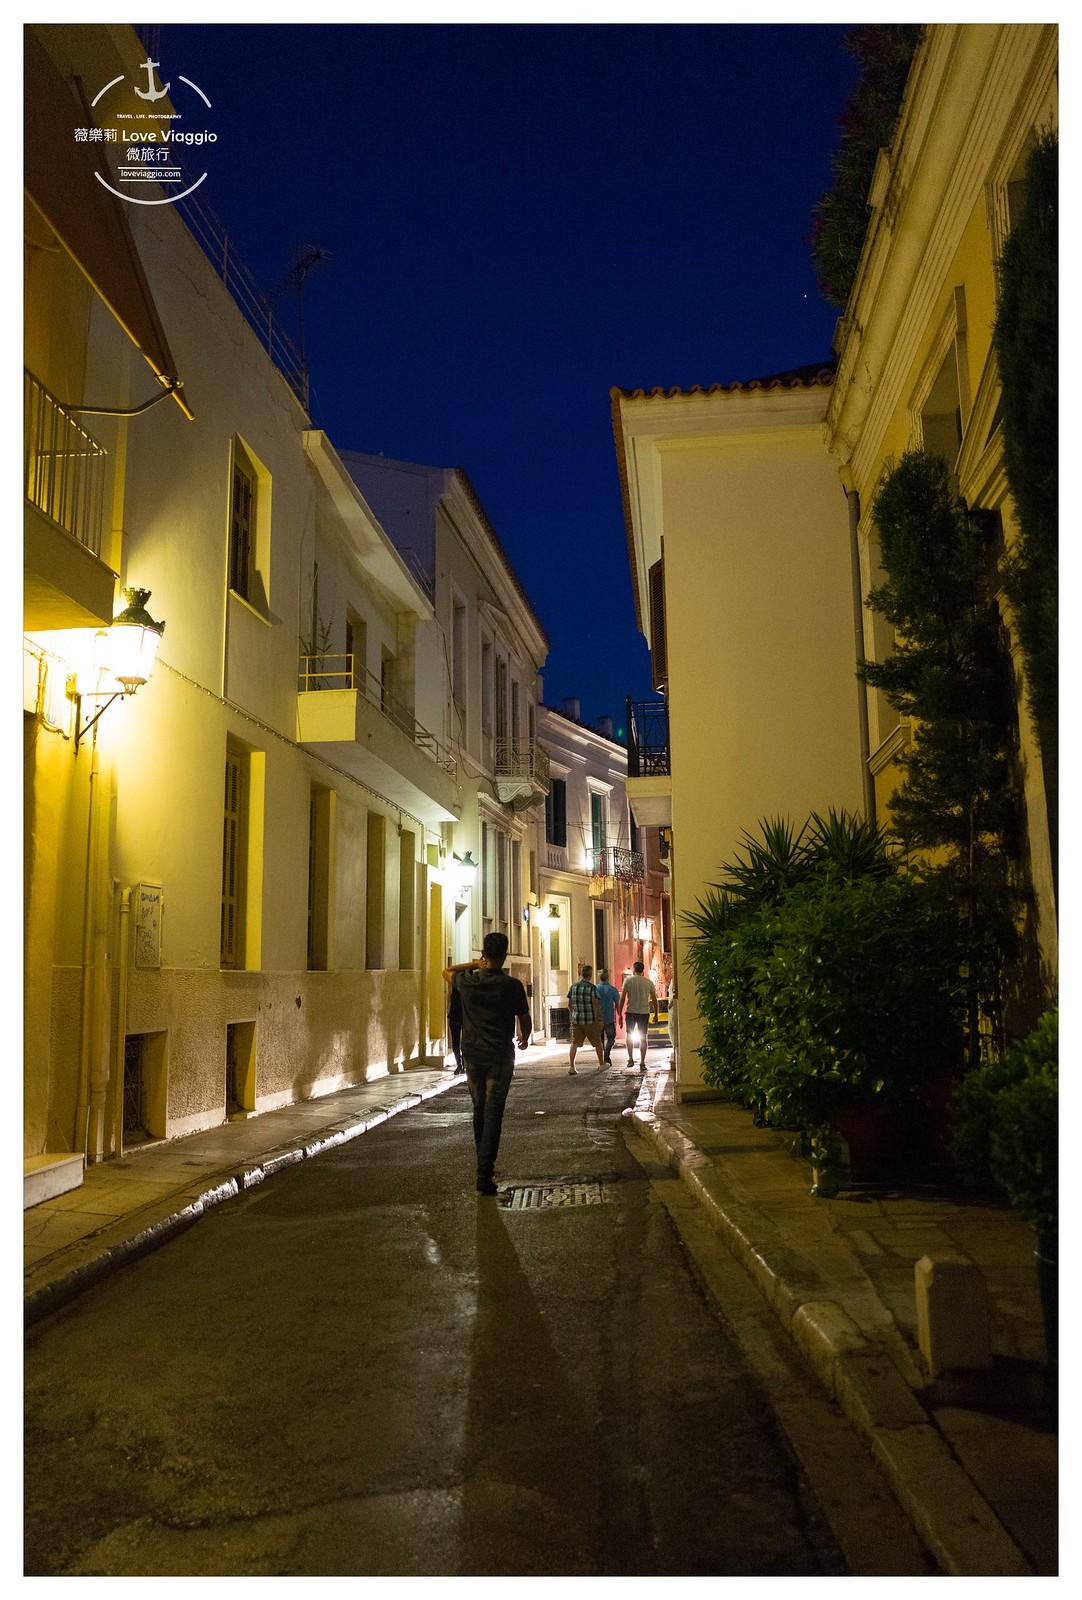 【希臘 Greece】普拉卡舊城區 慢步雅典色彩豐富活潑的古城鎮和衛城夜景 @薇樂莉 Love Viaggio | 旅行.生活.攝影